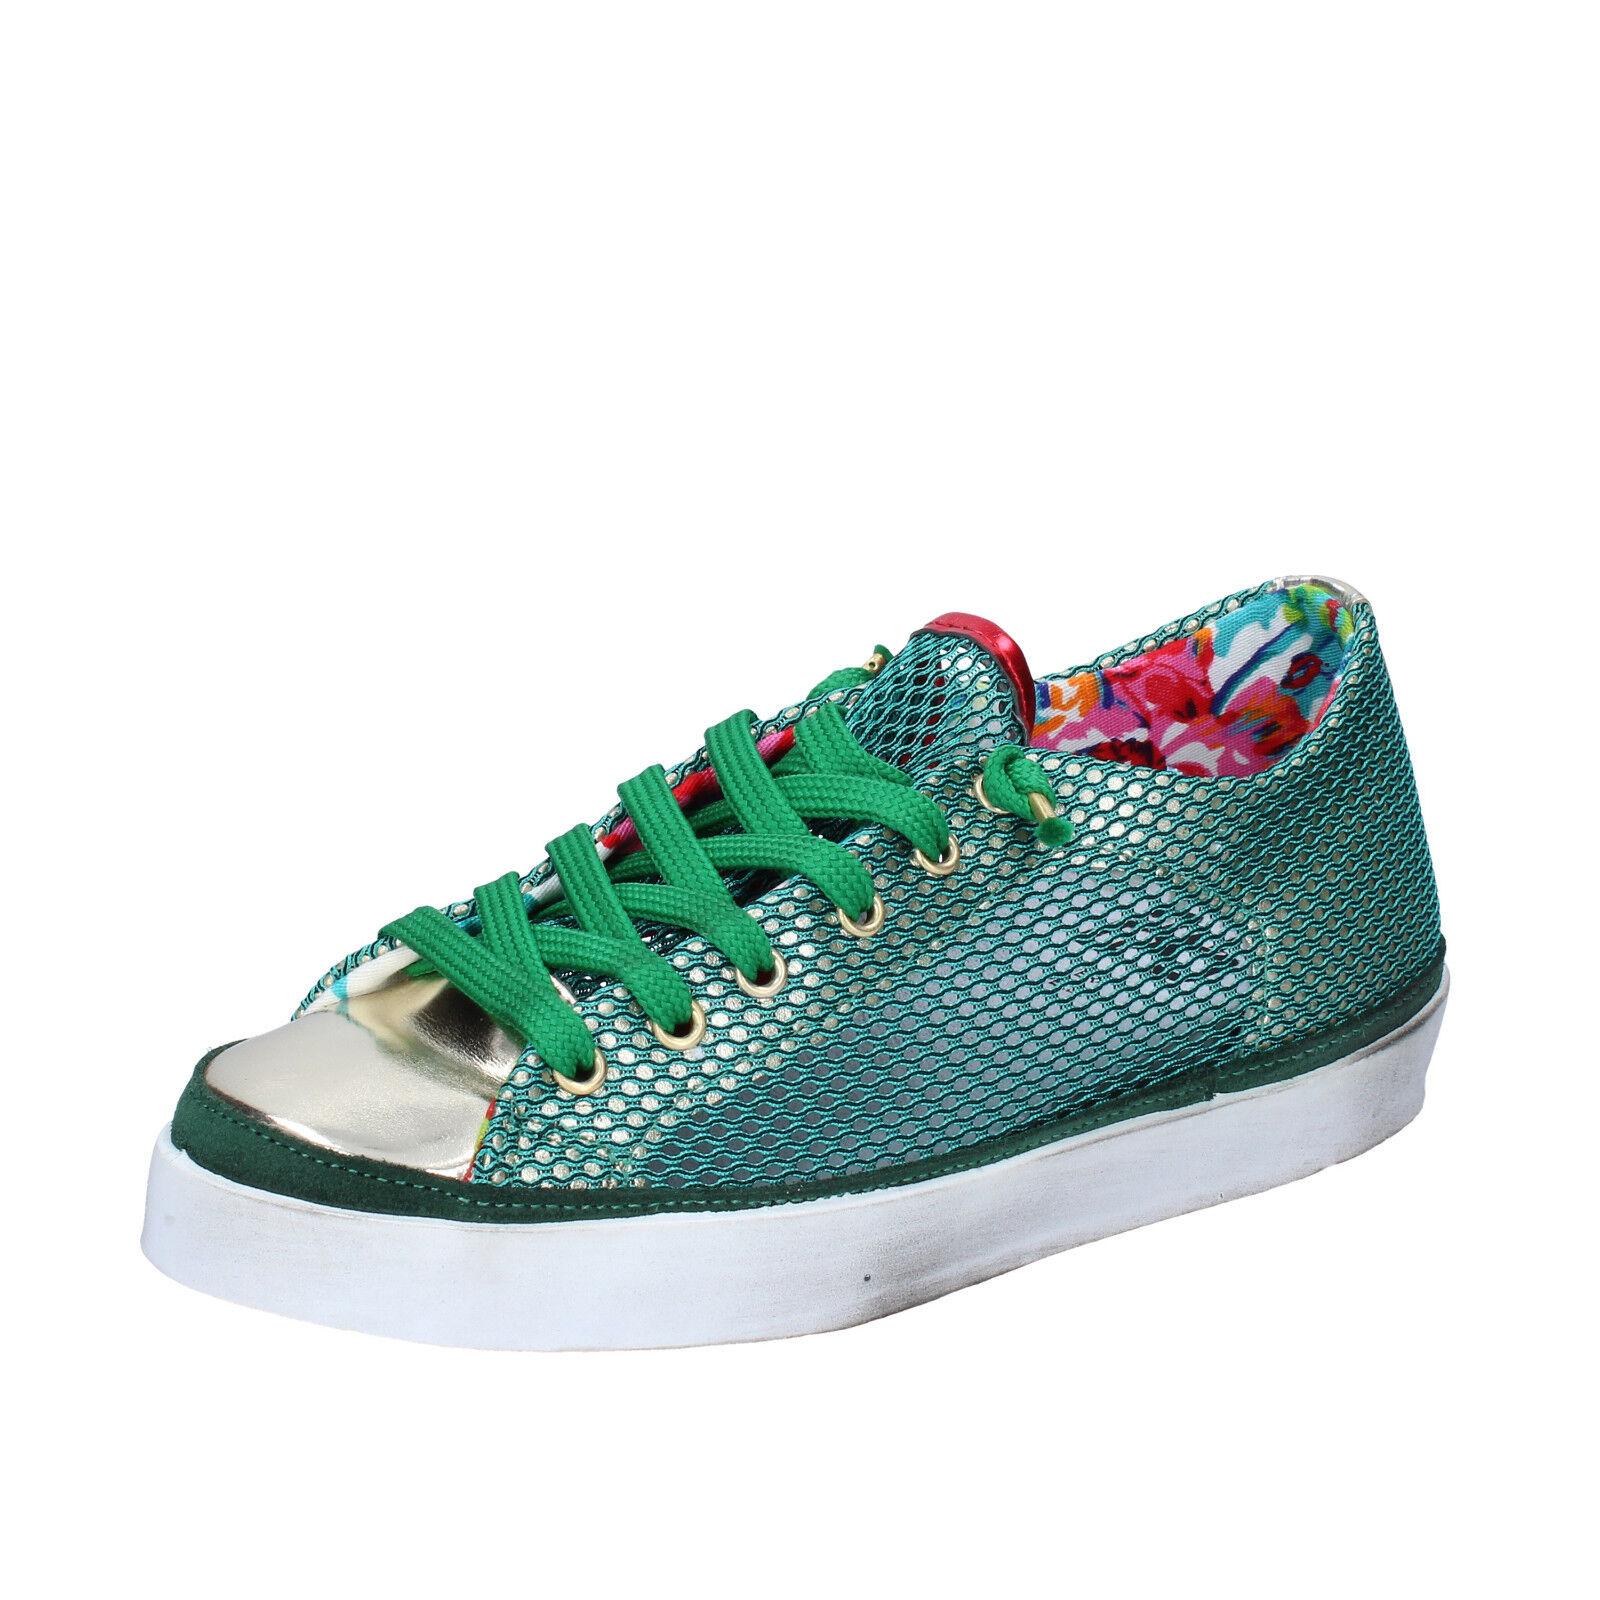 Scarpe donna verde 2 STAR 36 scarpe da ginnastica verde donna tessuto pelle BZ534-B 559b86